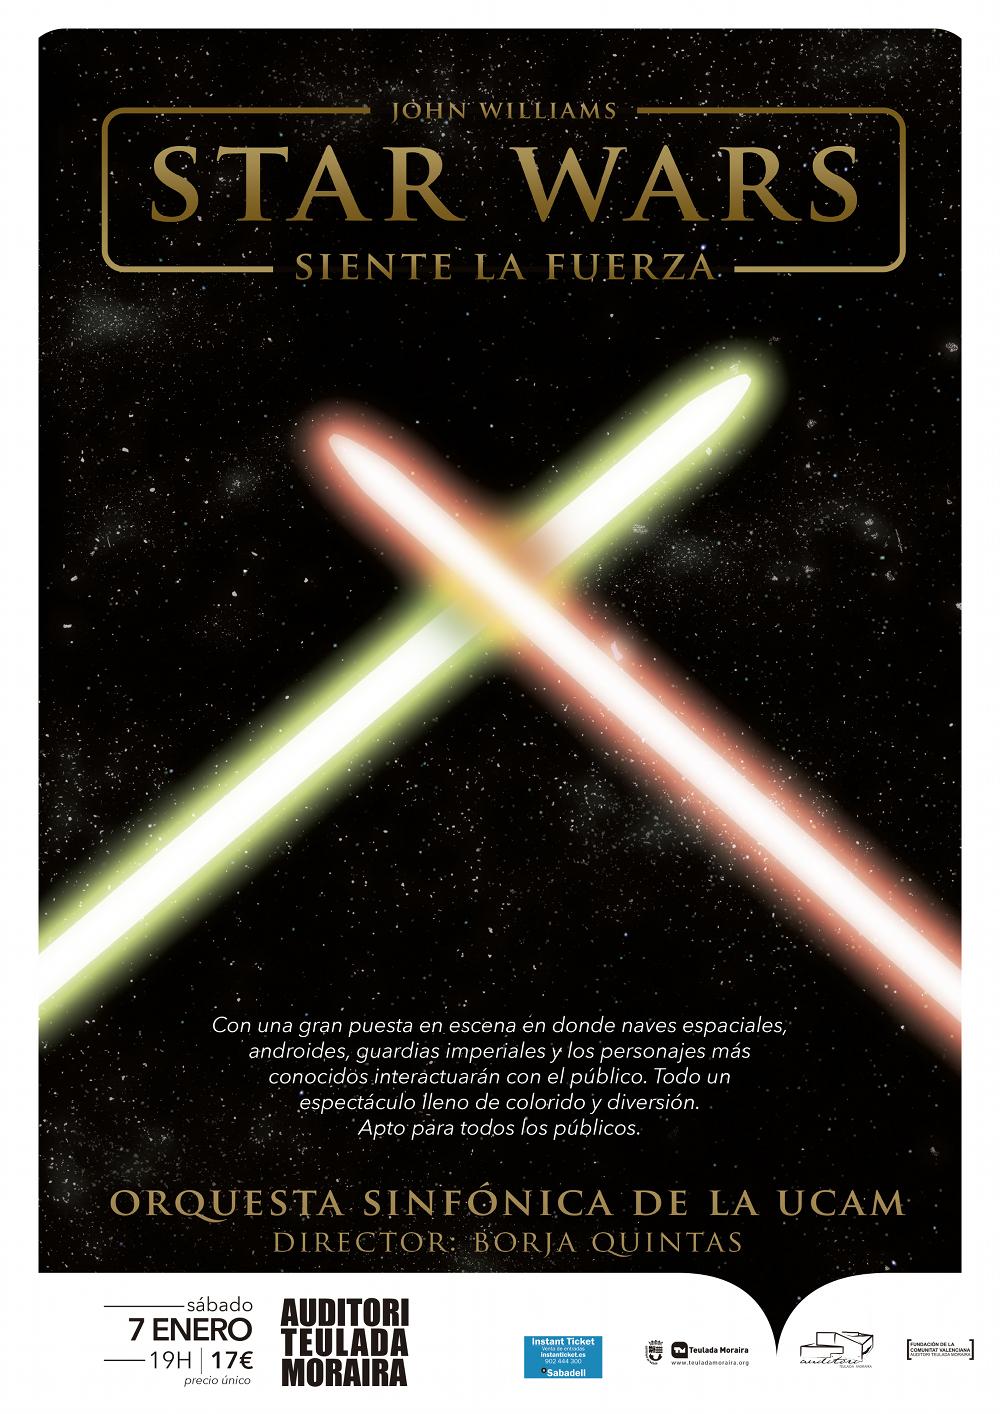 En Barcelona nuestro público se tomó en serio nuestro programa y  aparecieron disfrazados #starwars #